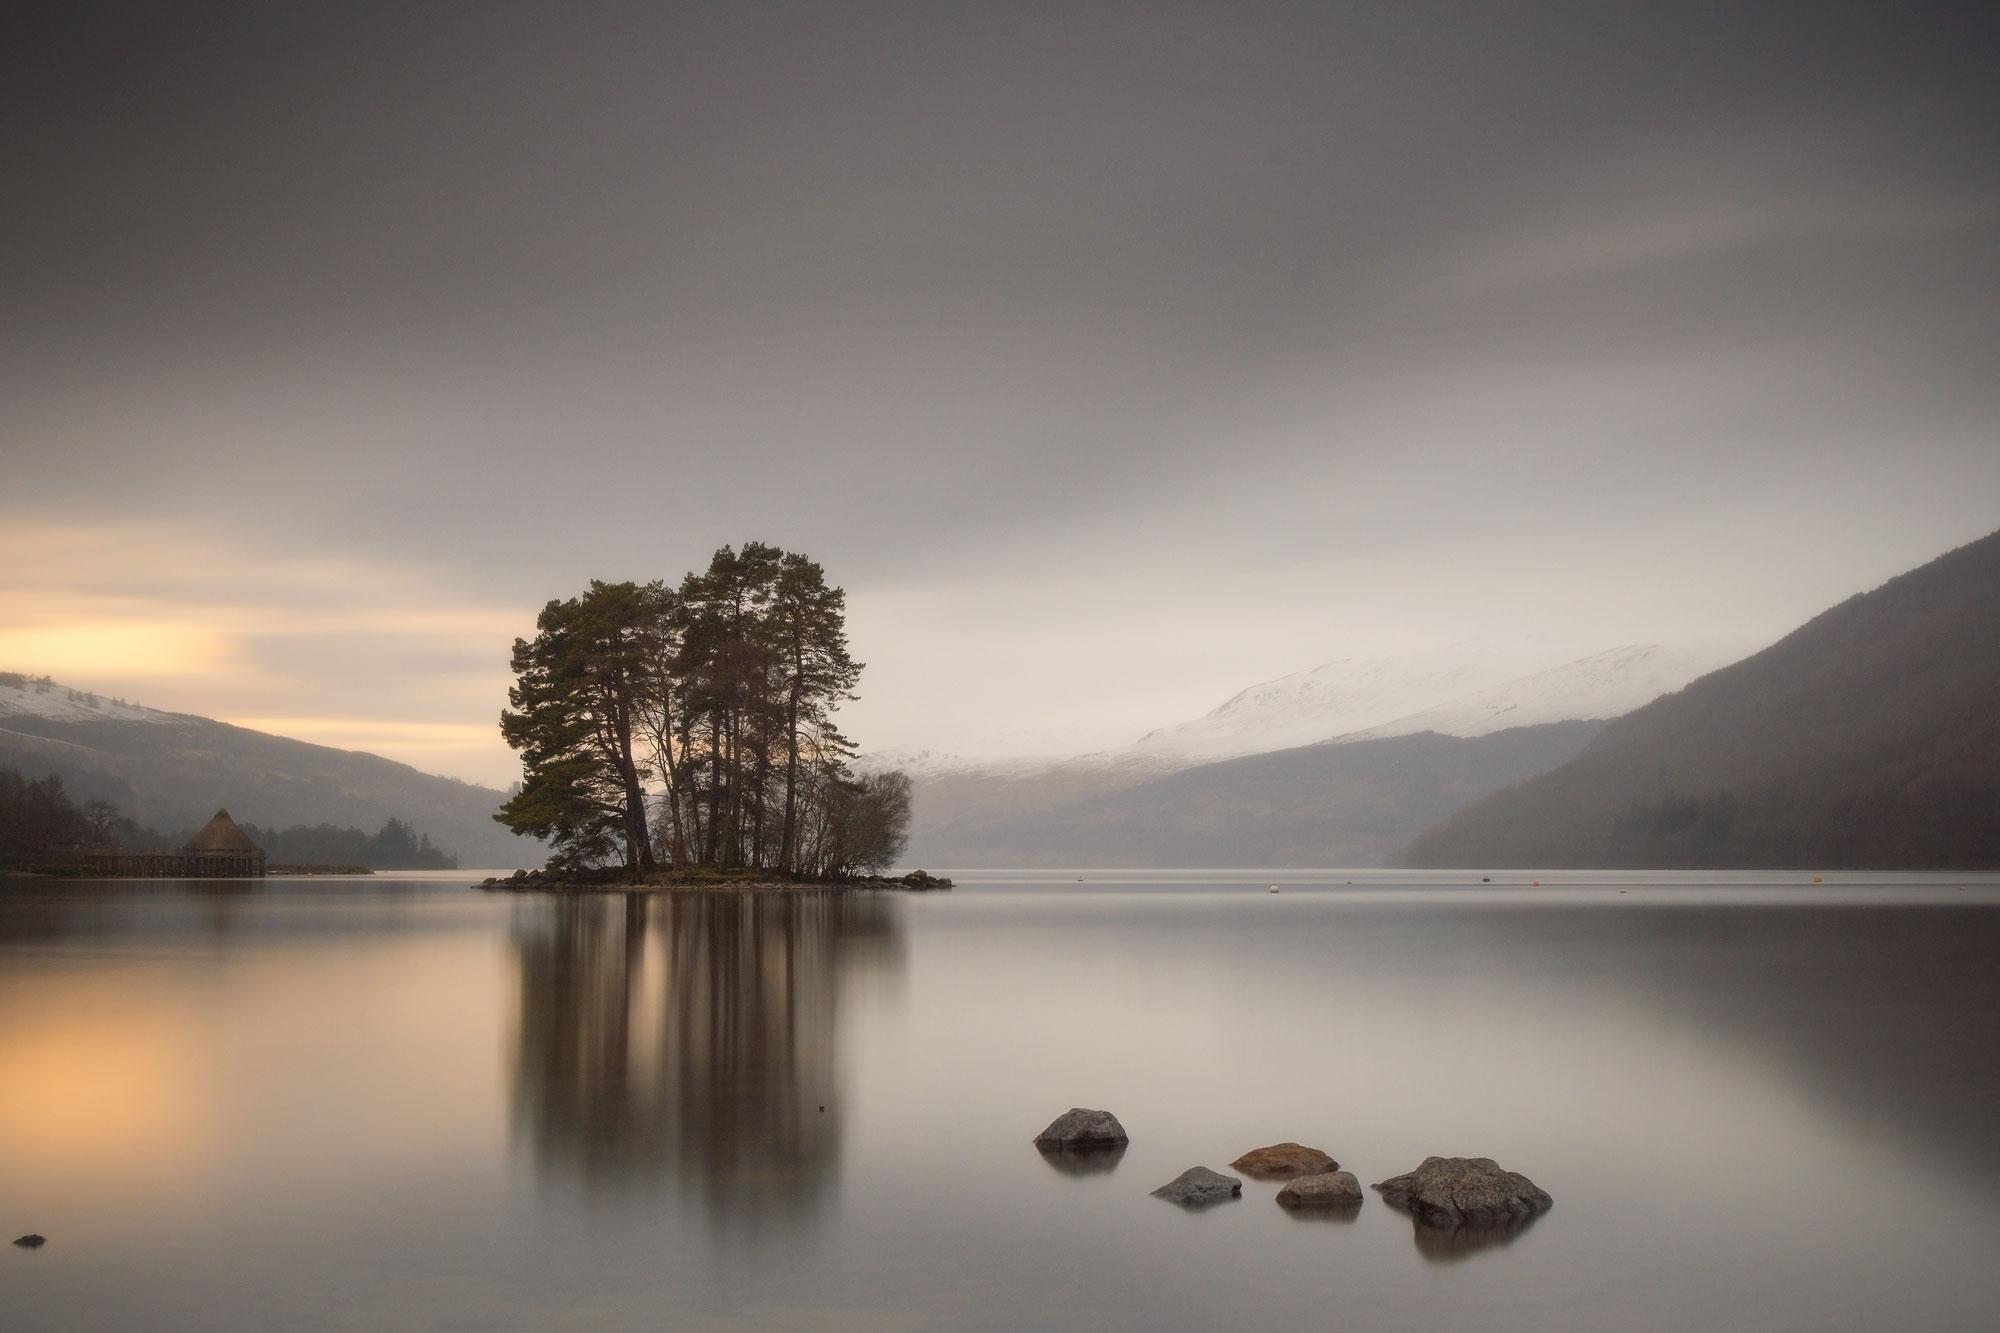 Loch Tay Serenity